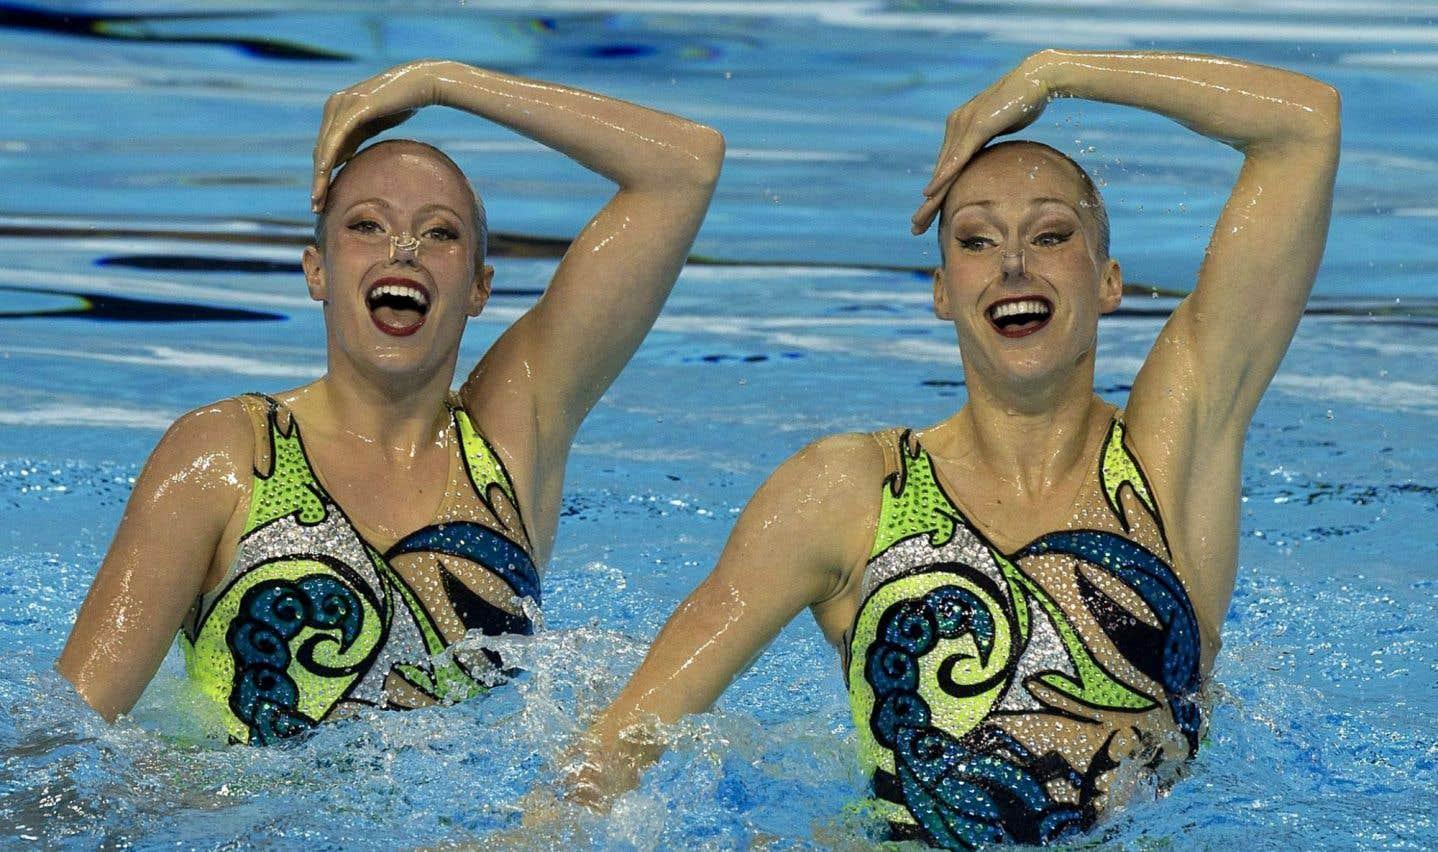 Les Canadiennes Jacqueline Simoneau (à gauche) et Karine Thomas pendant leur performance en nage synchronisée aux finales des Jeux panaméricains de Toronto, en 2015